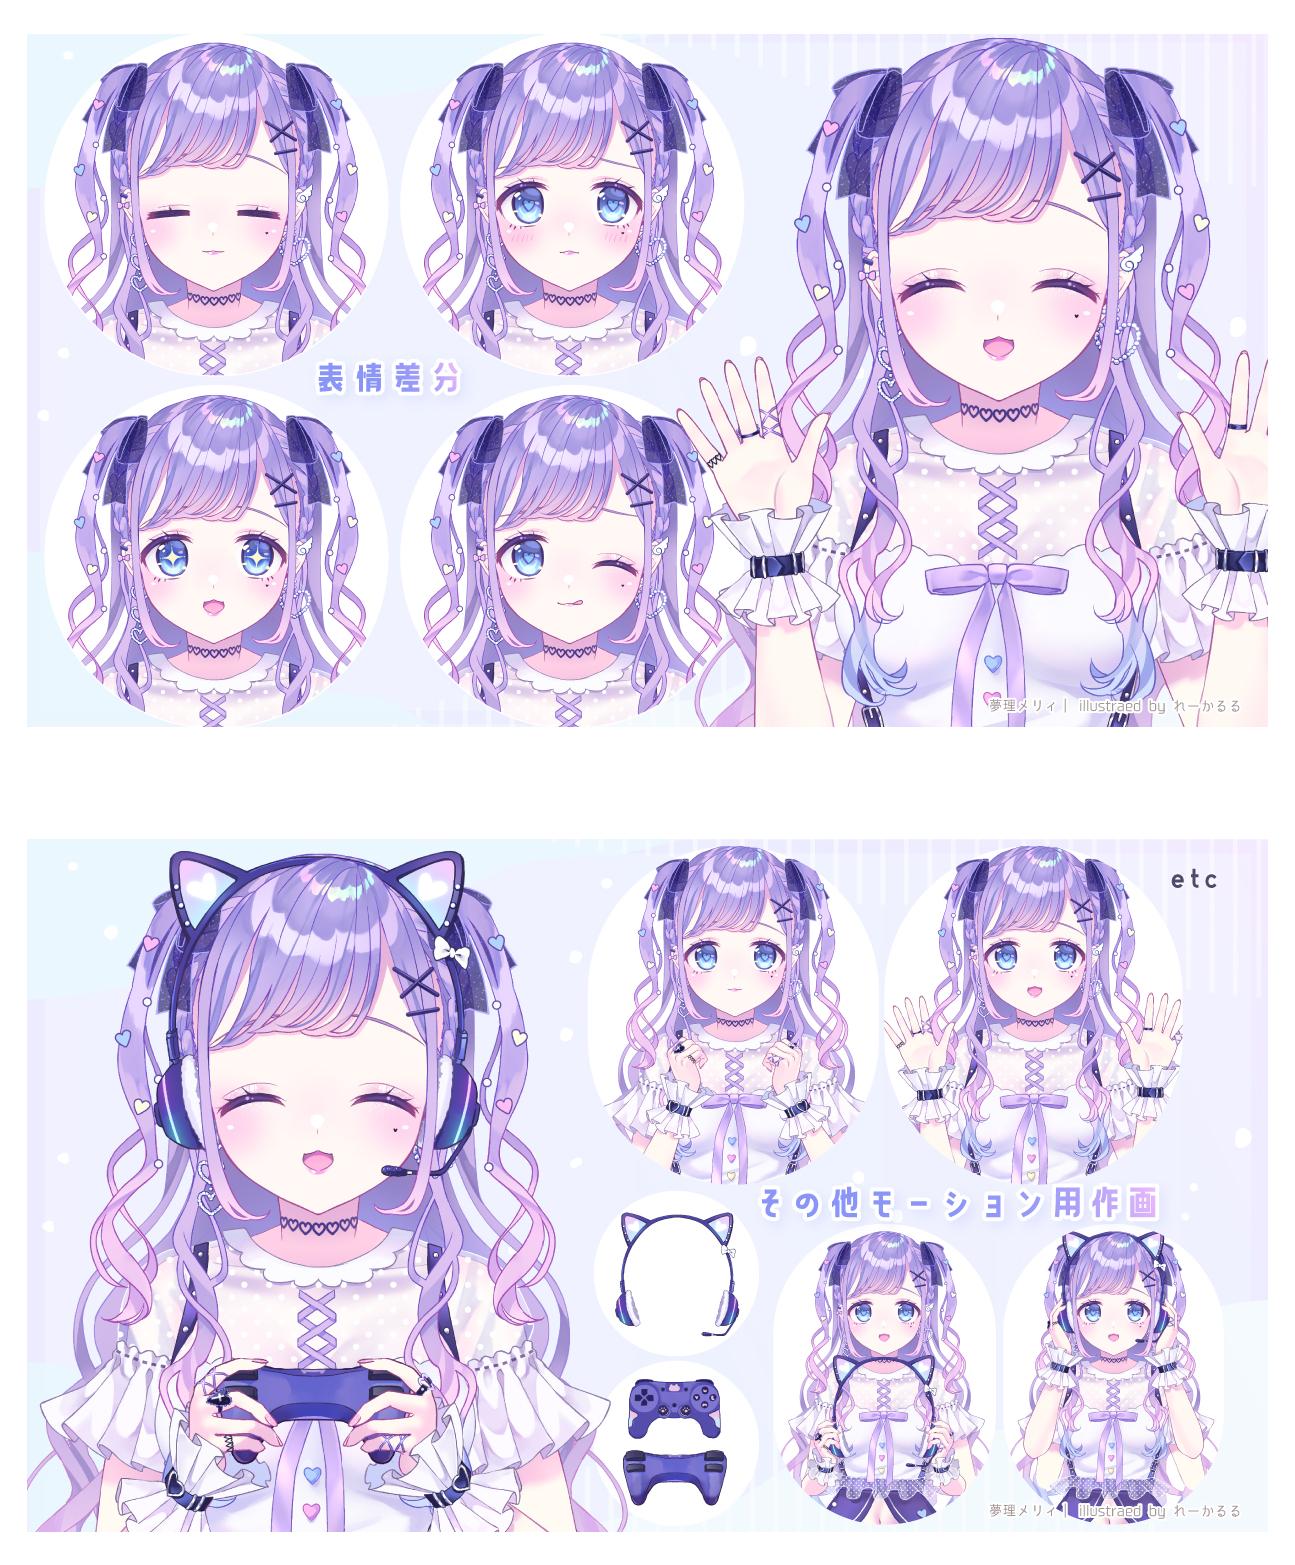 【バーチャルYoutuber】キャラクターデザイン・Live2D用イラスト制作